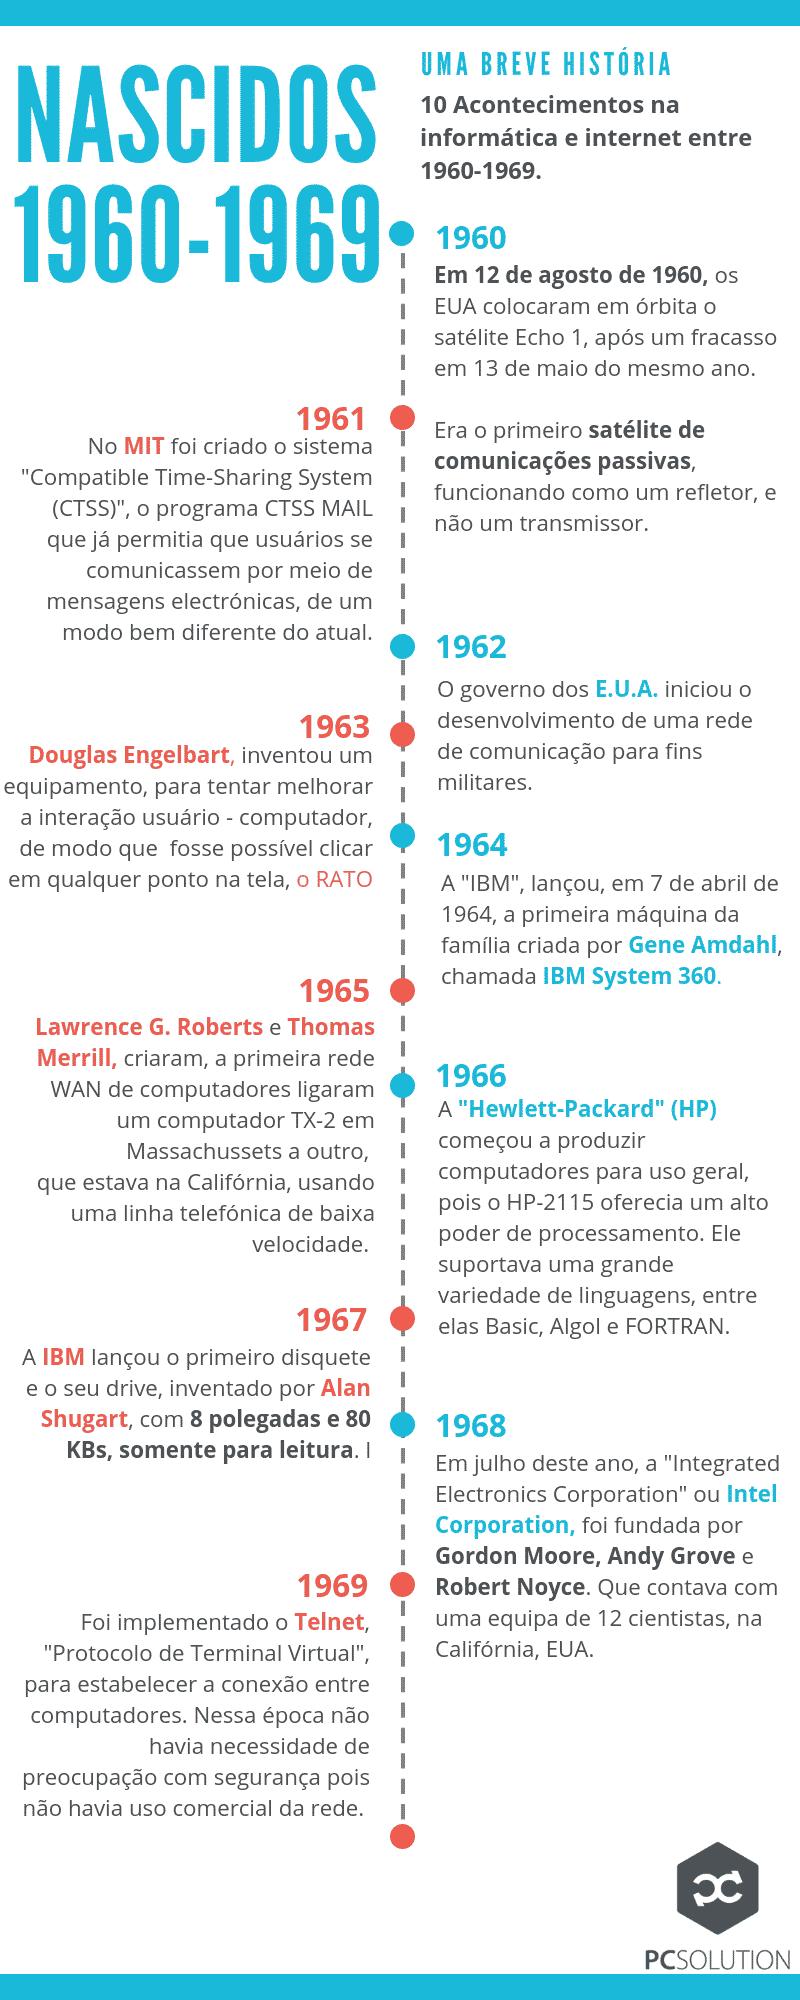 História informática e internet